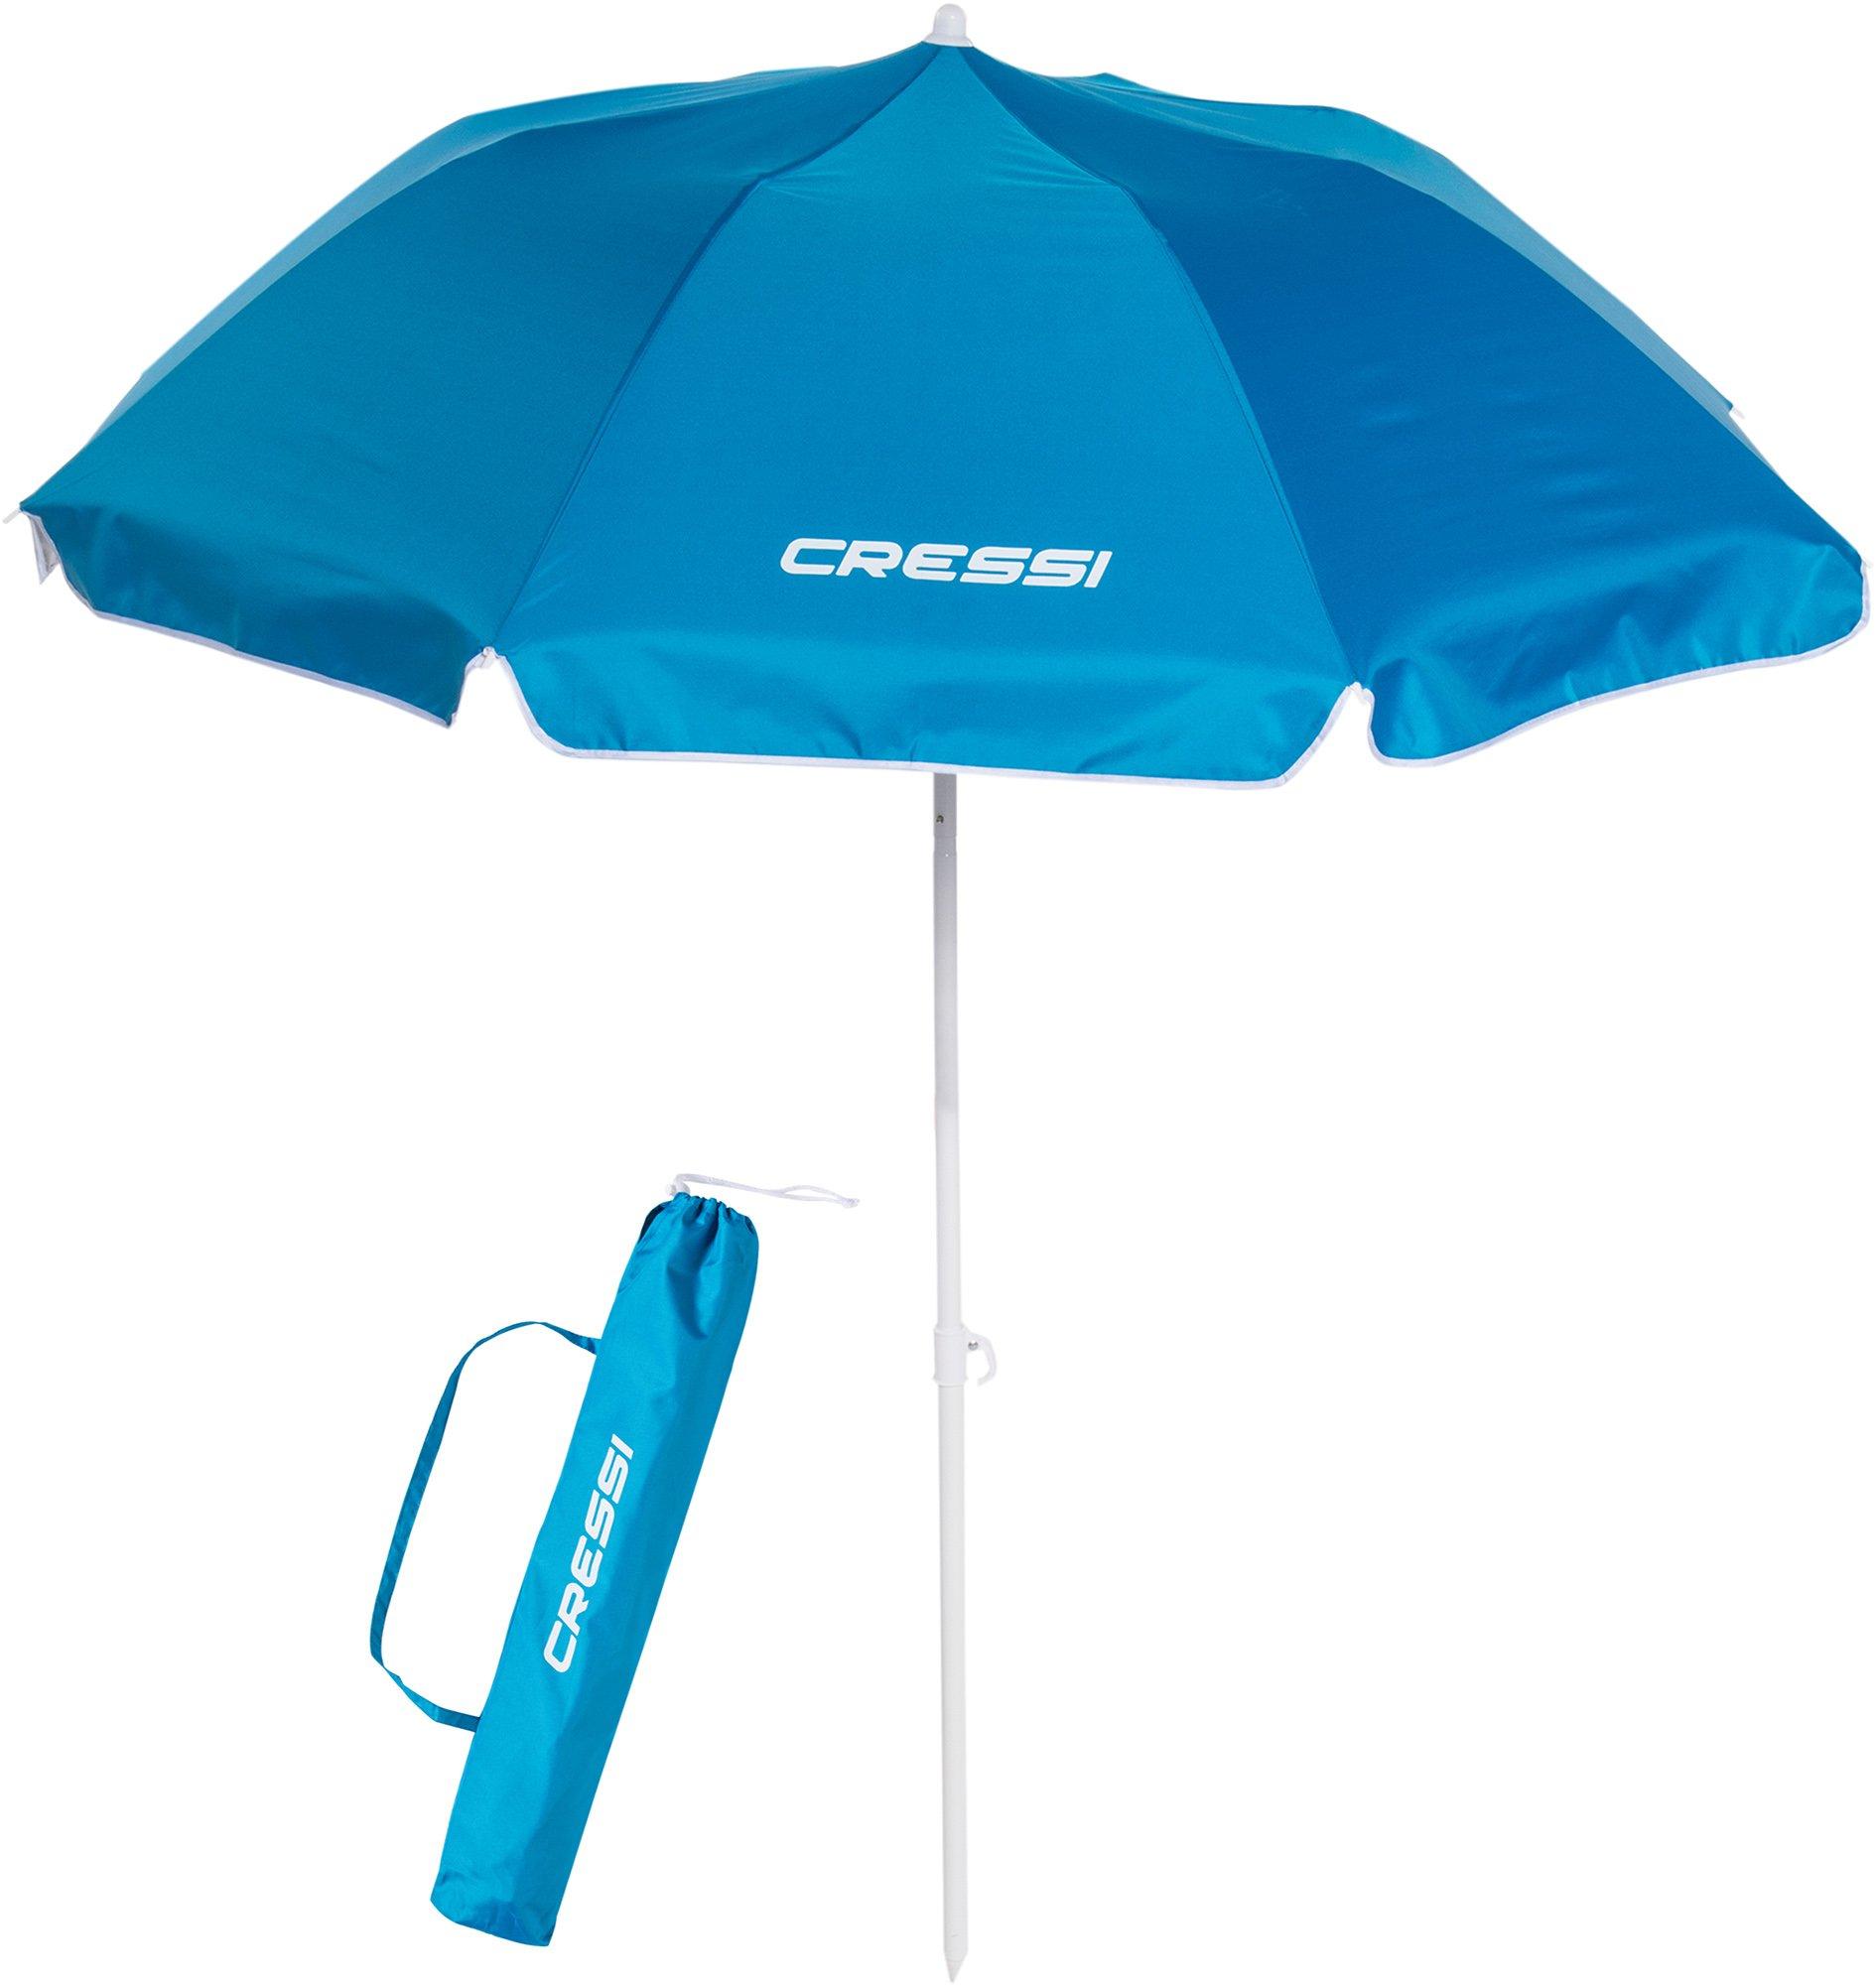 Cressi Premium Beach Umbrella Portable with Folding 4